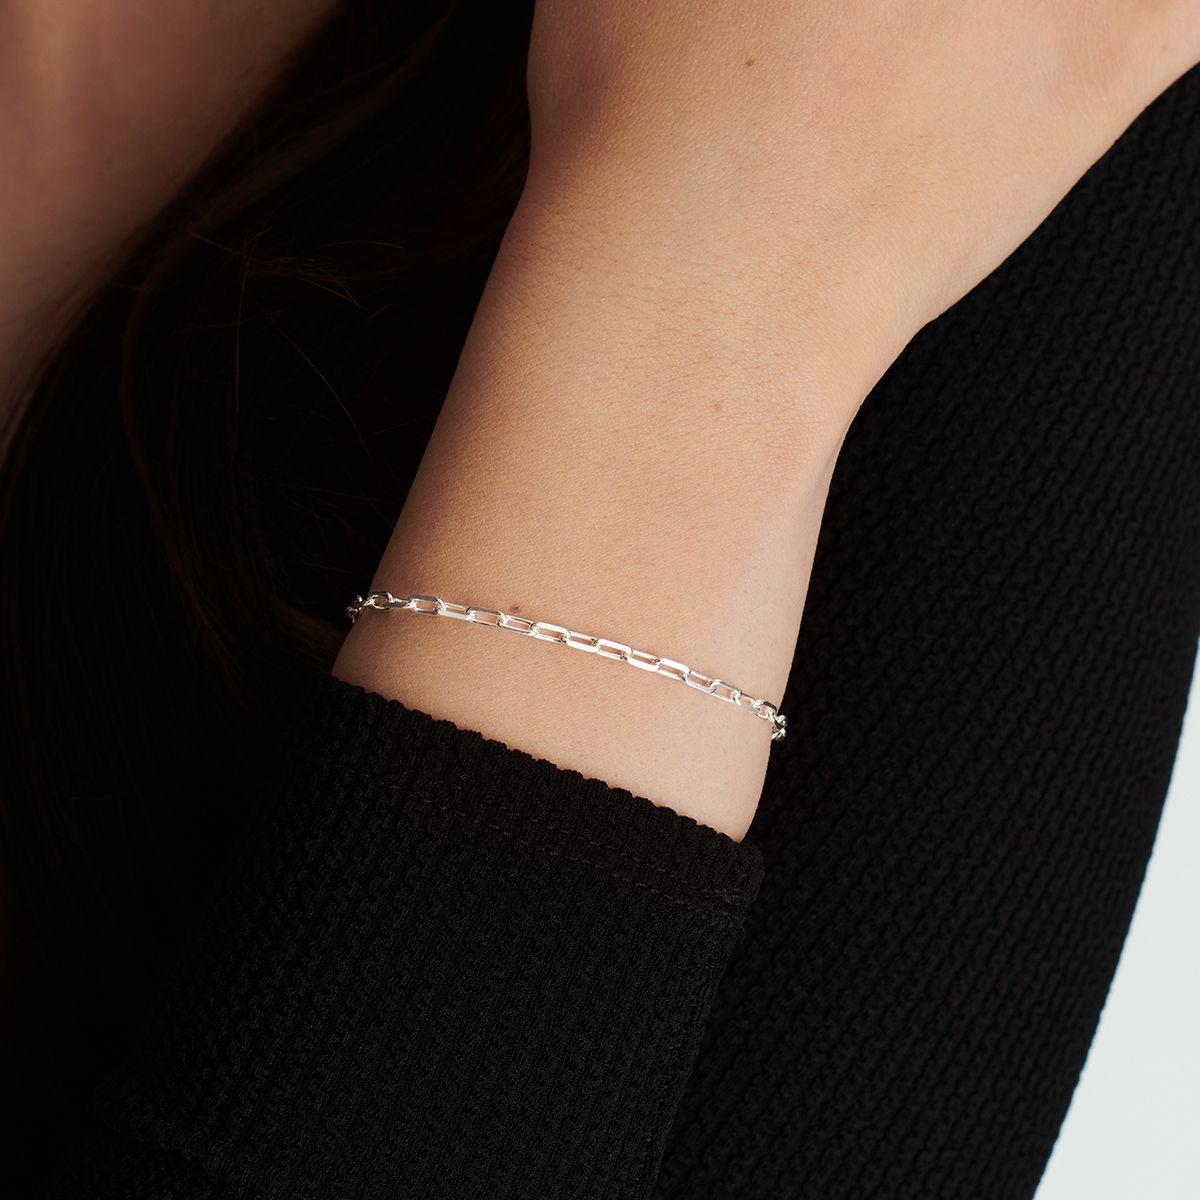 Célia - Armband - Silber